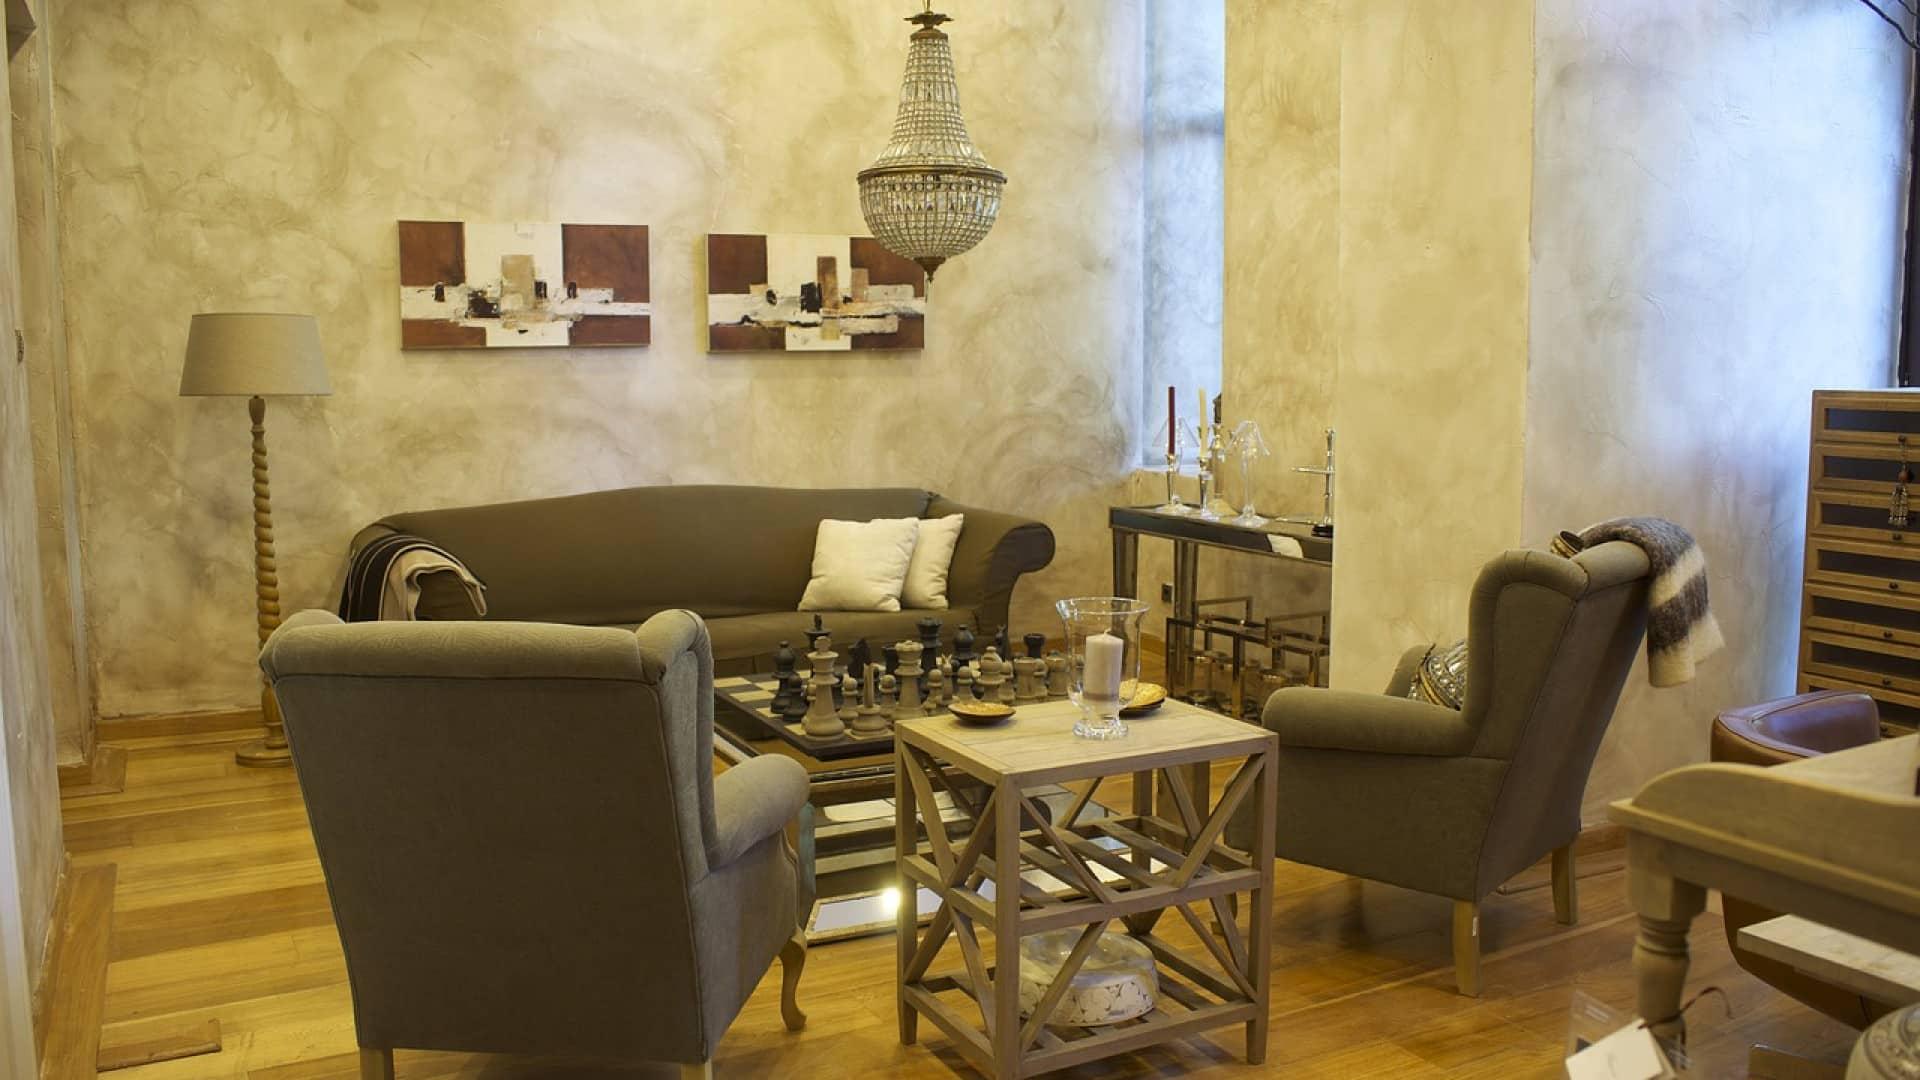 Comment choisir une magnifique couleur pour son salon ?